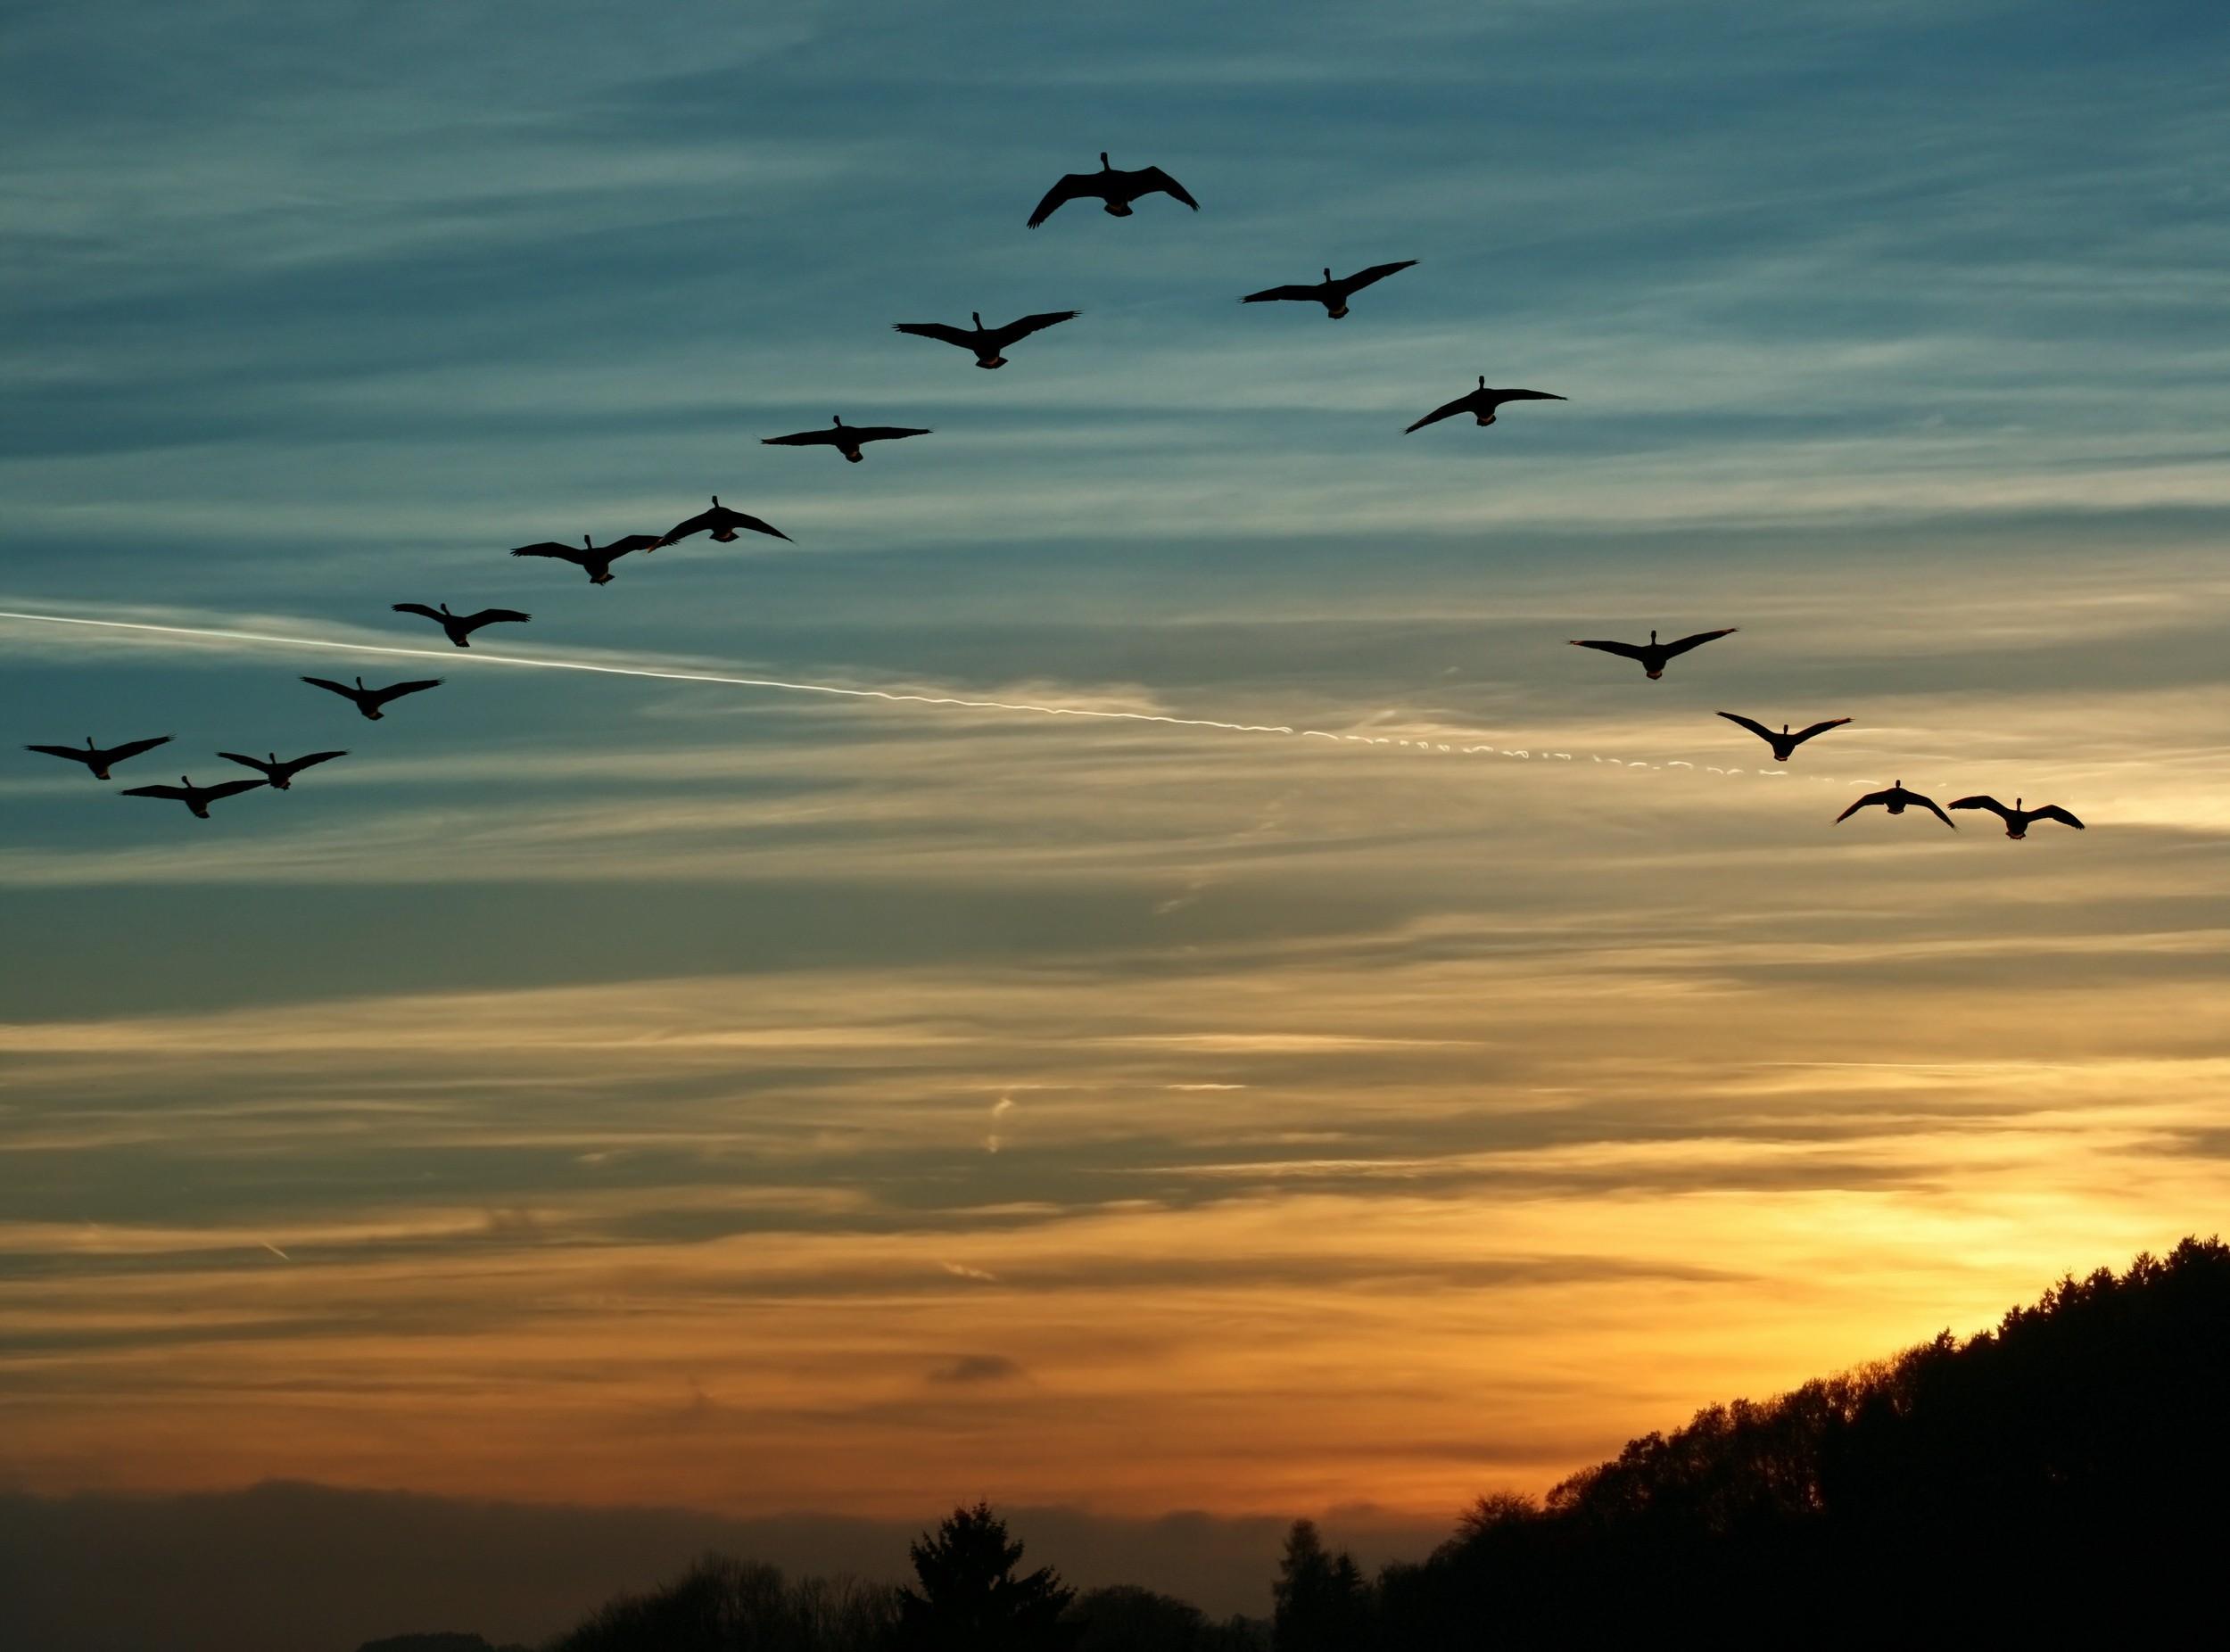 бывало, картинки летящих птиц мне